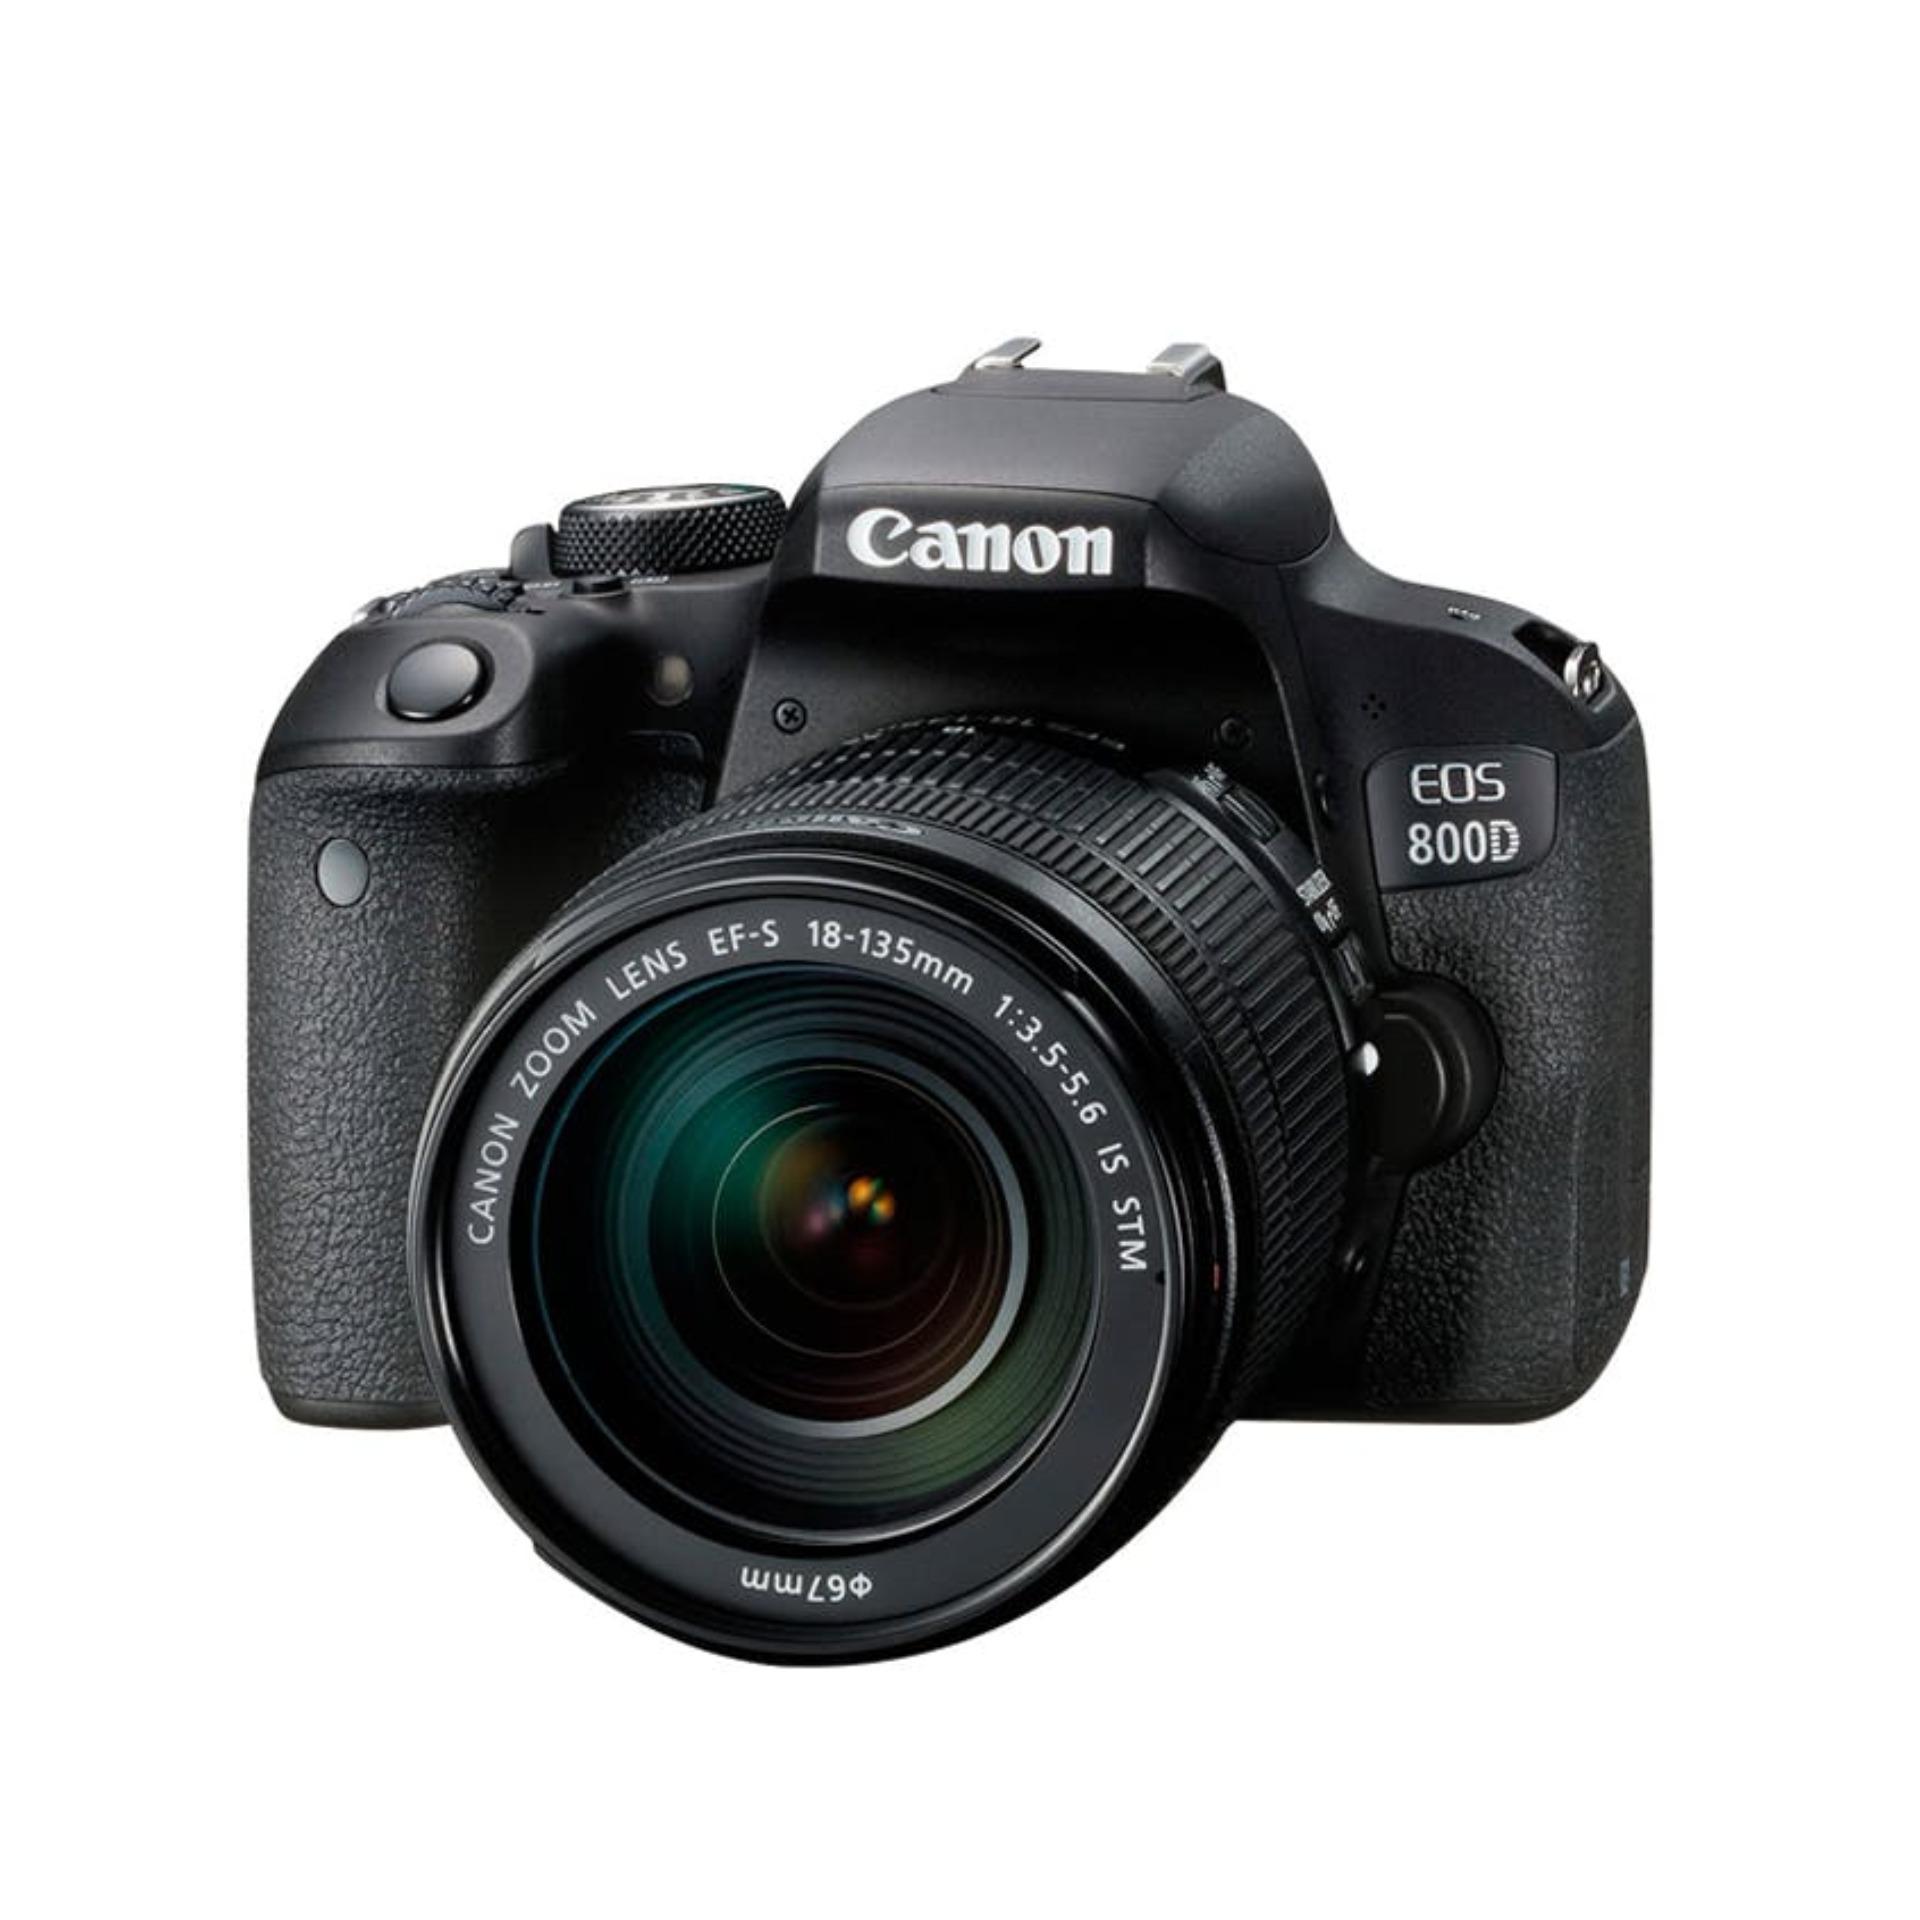 Canon EOS 800D 24.2MP kit (EF-S18-135mm f/3.5-5.6 IS STM) (FREE Canon Camera Bag + 16GB SD Card)